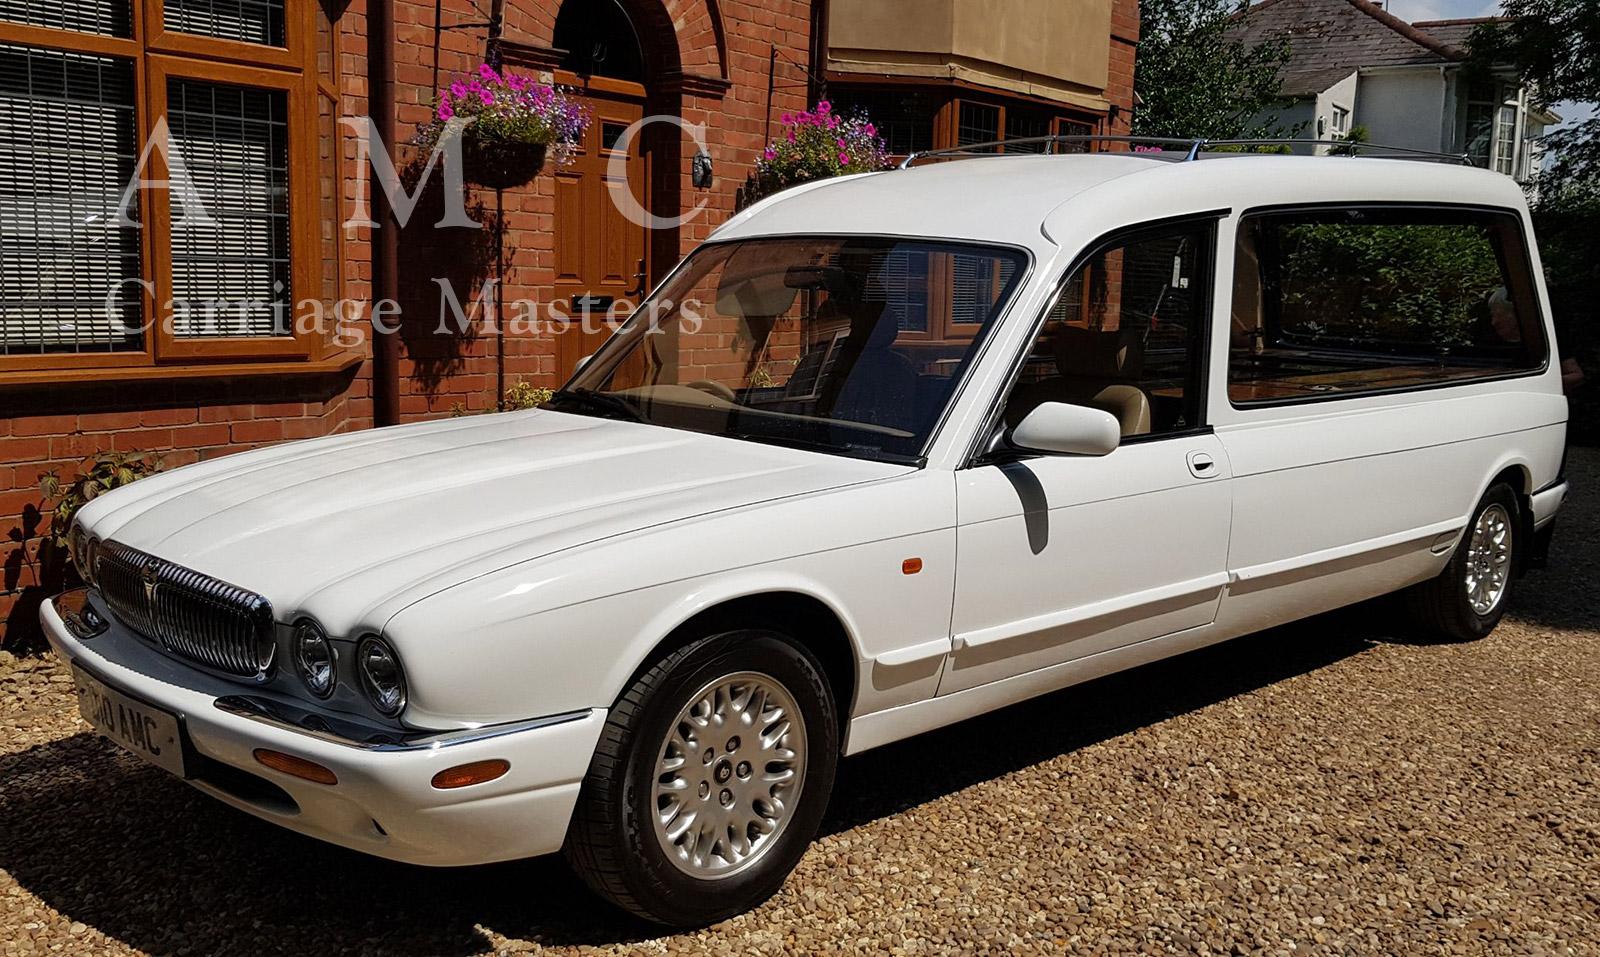 White Daimler/Jaguar XJ Hearse